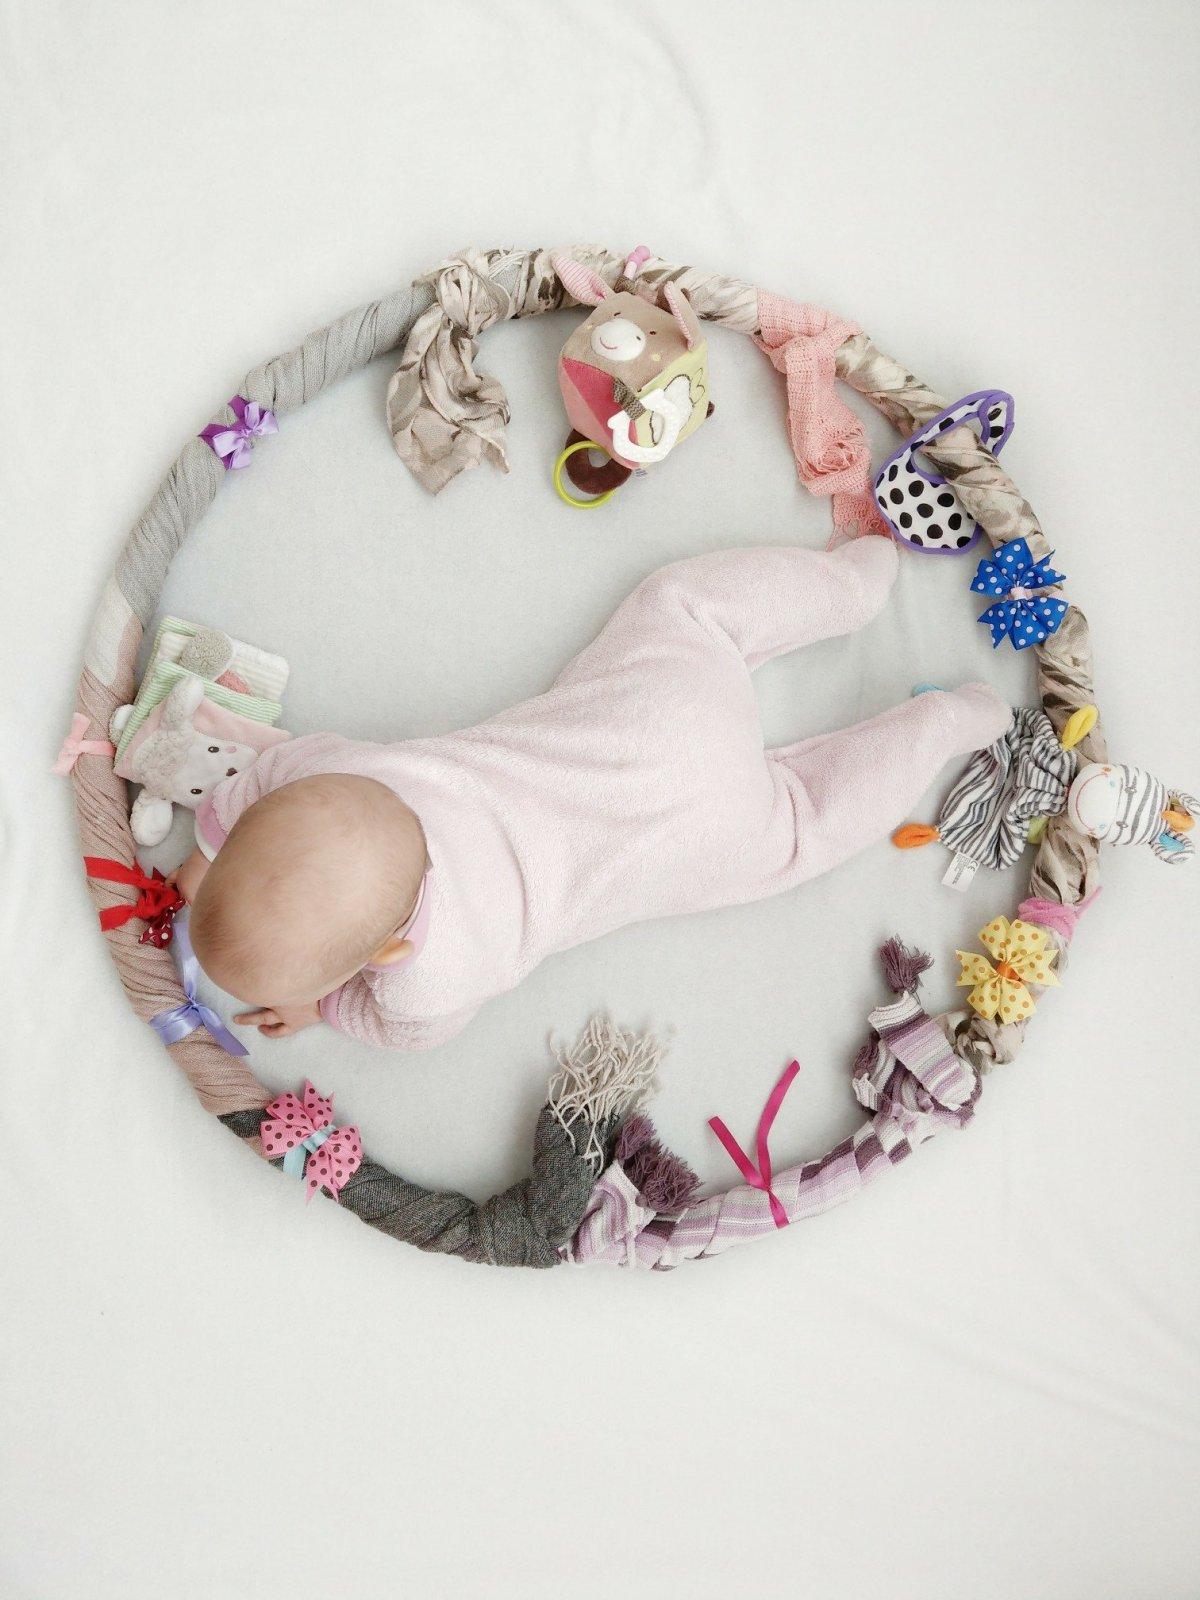 Tolle Beschäftigungsmöglichkeit für euer Baby. Fördert Feinmotorik, Sensorik und macht großen Spaß. Auch als Geschenk für Baby's